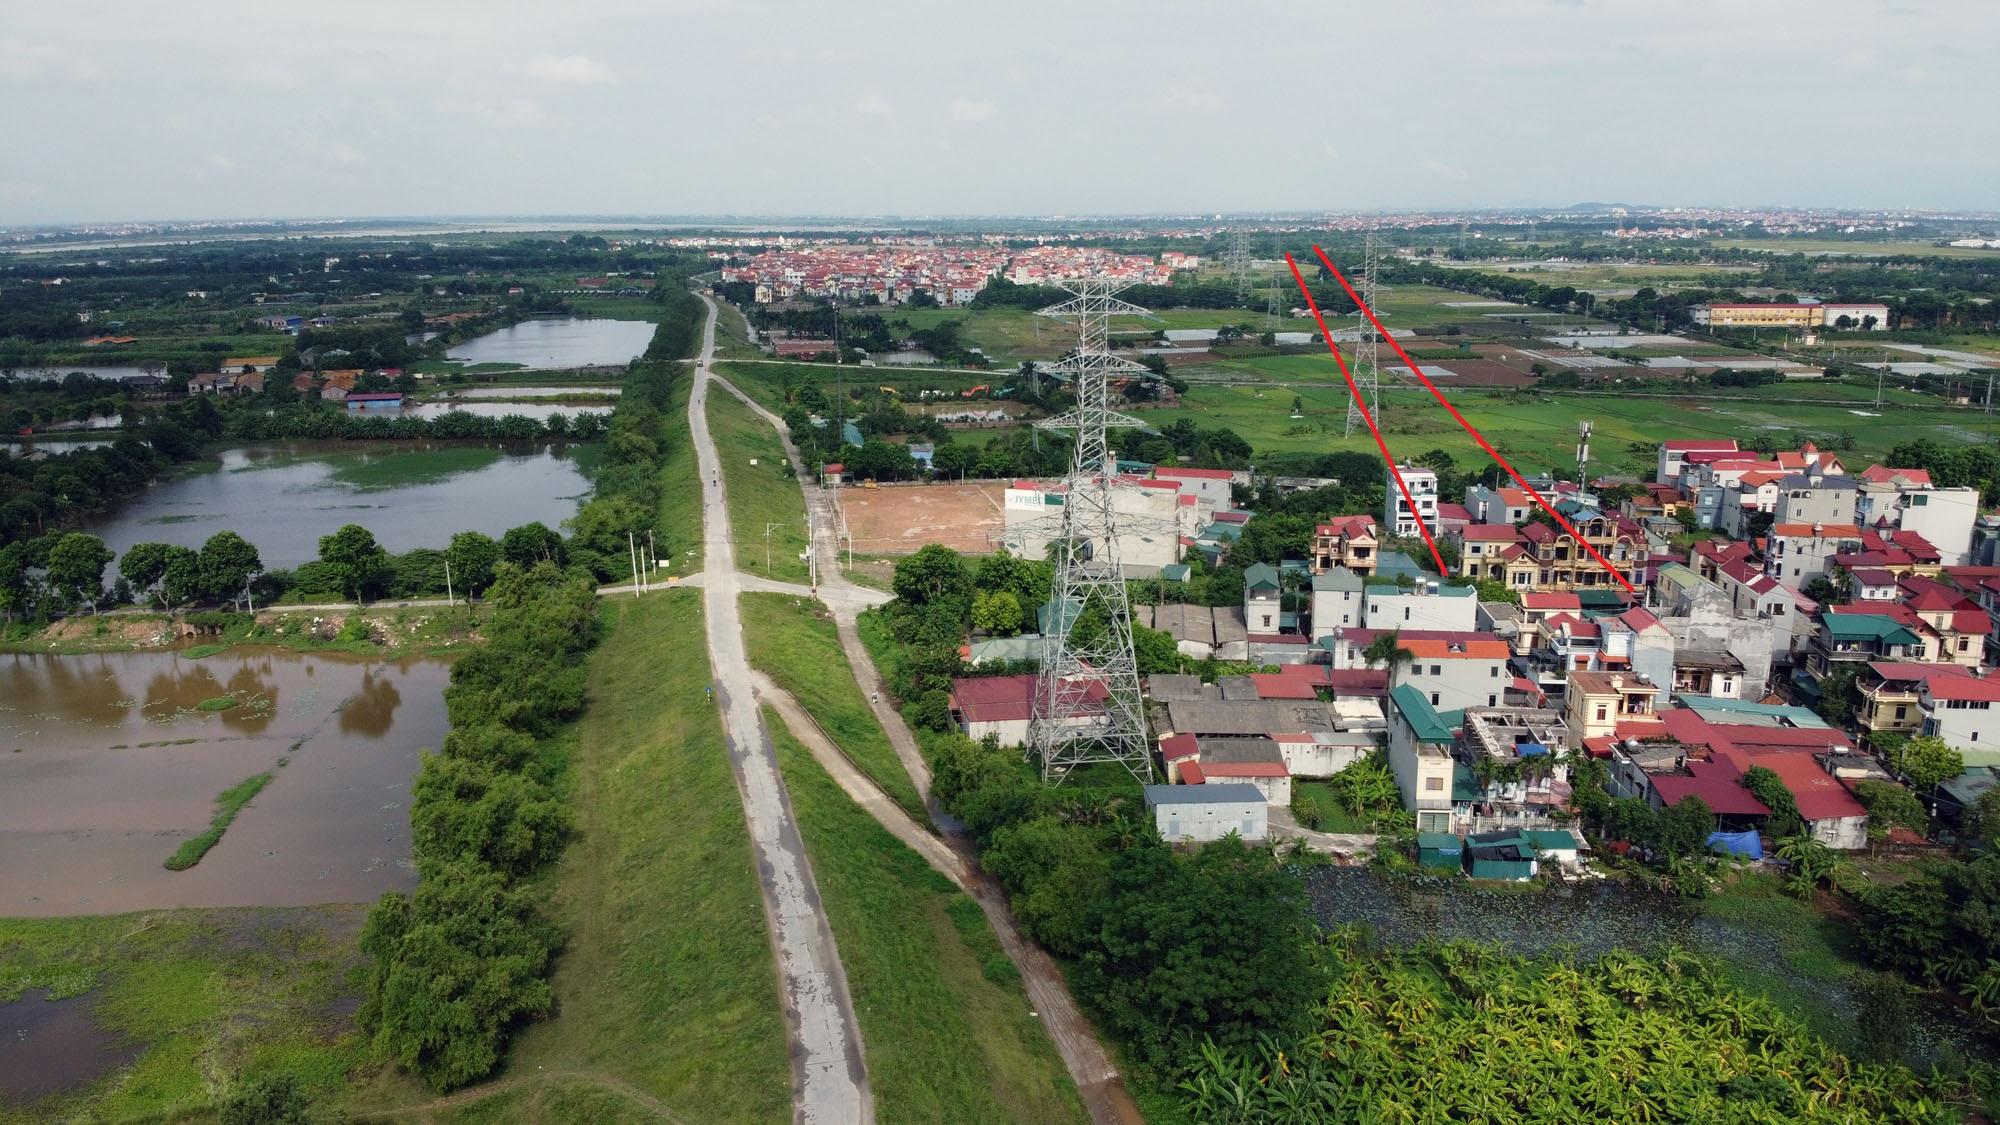 Ba đường sẽ mở theo qui hoạch ở xã Đại Mạch, Đông Anh, Hà Nội - Ảnh 12.